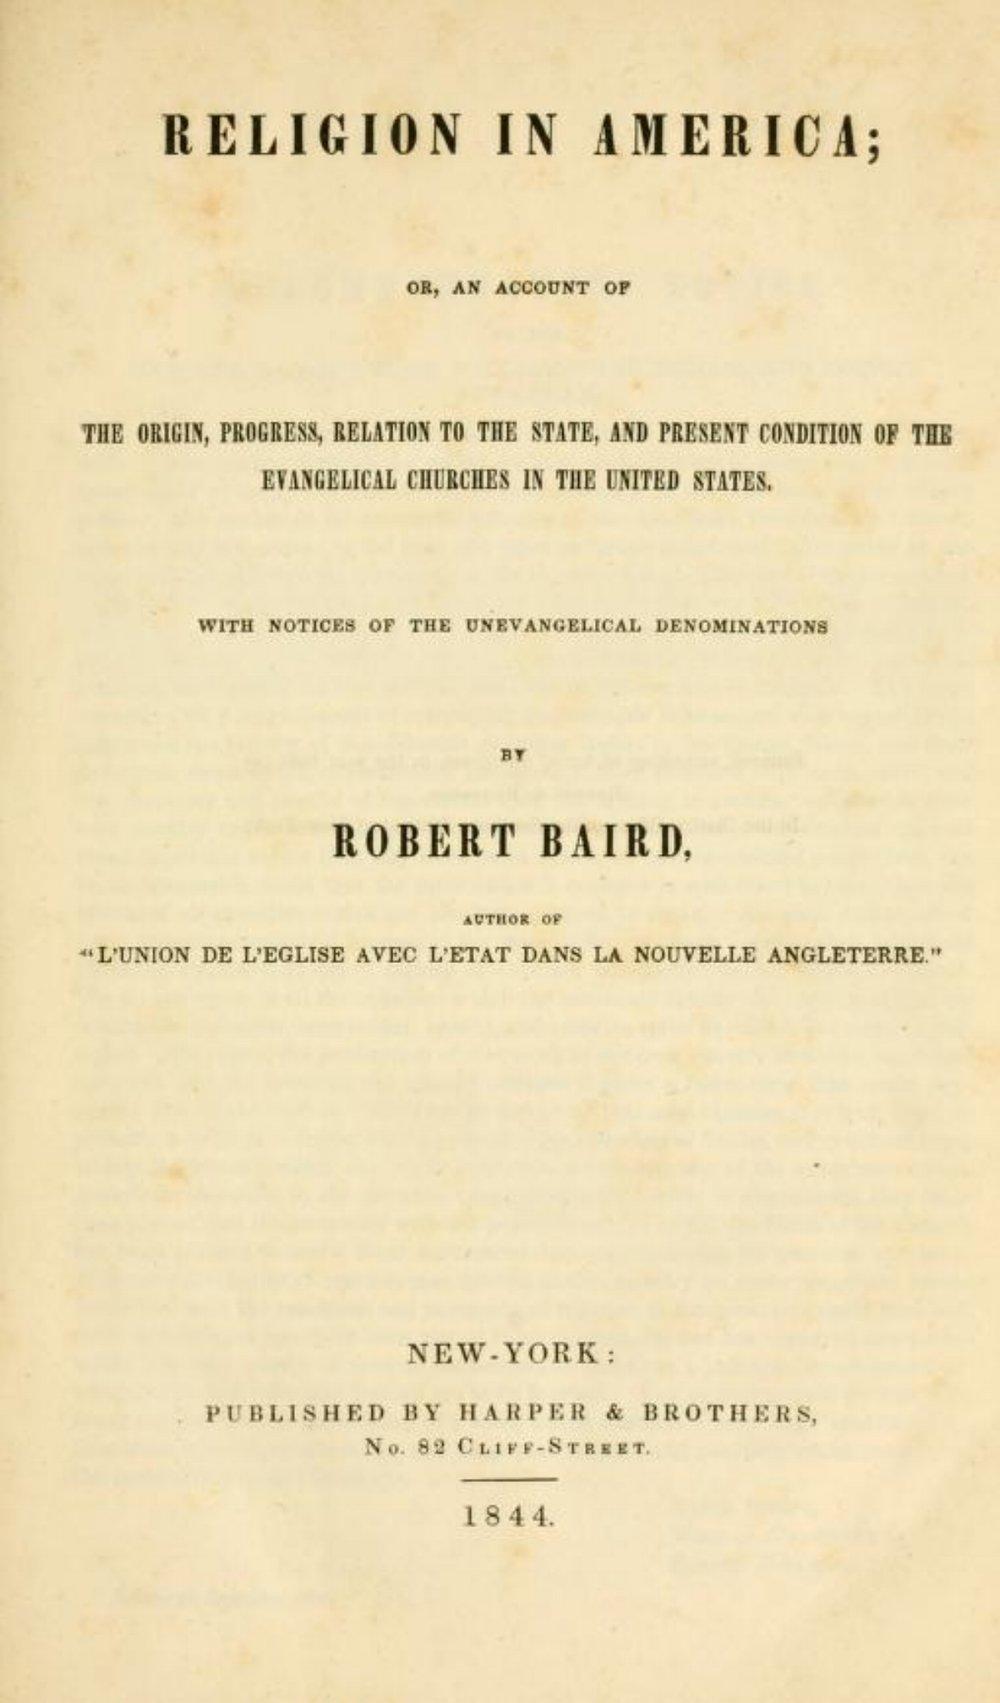 Baird, Robert - Religion in America.jpg